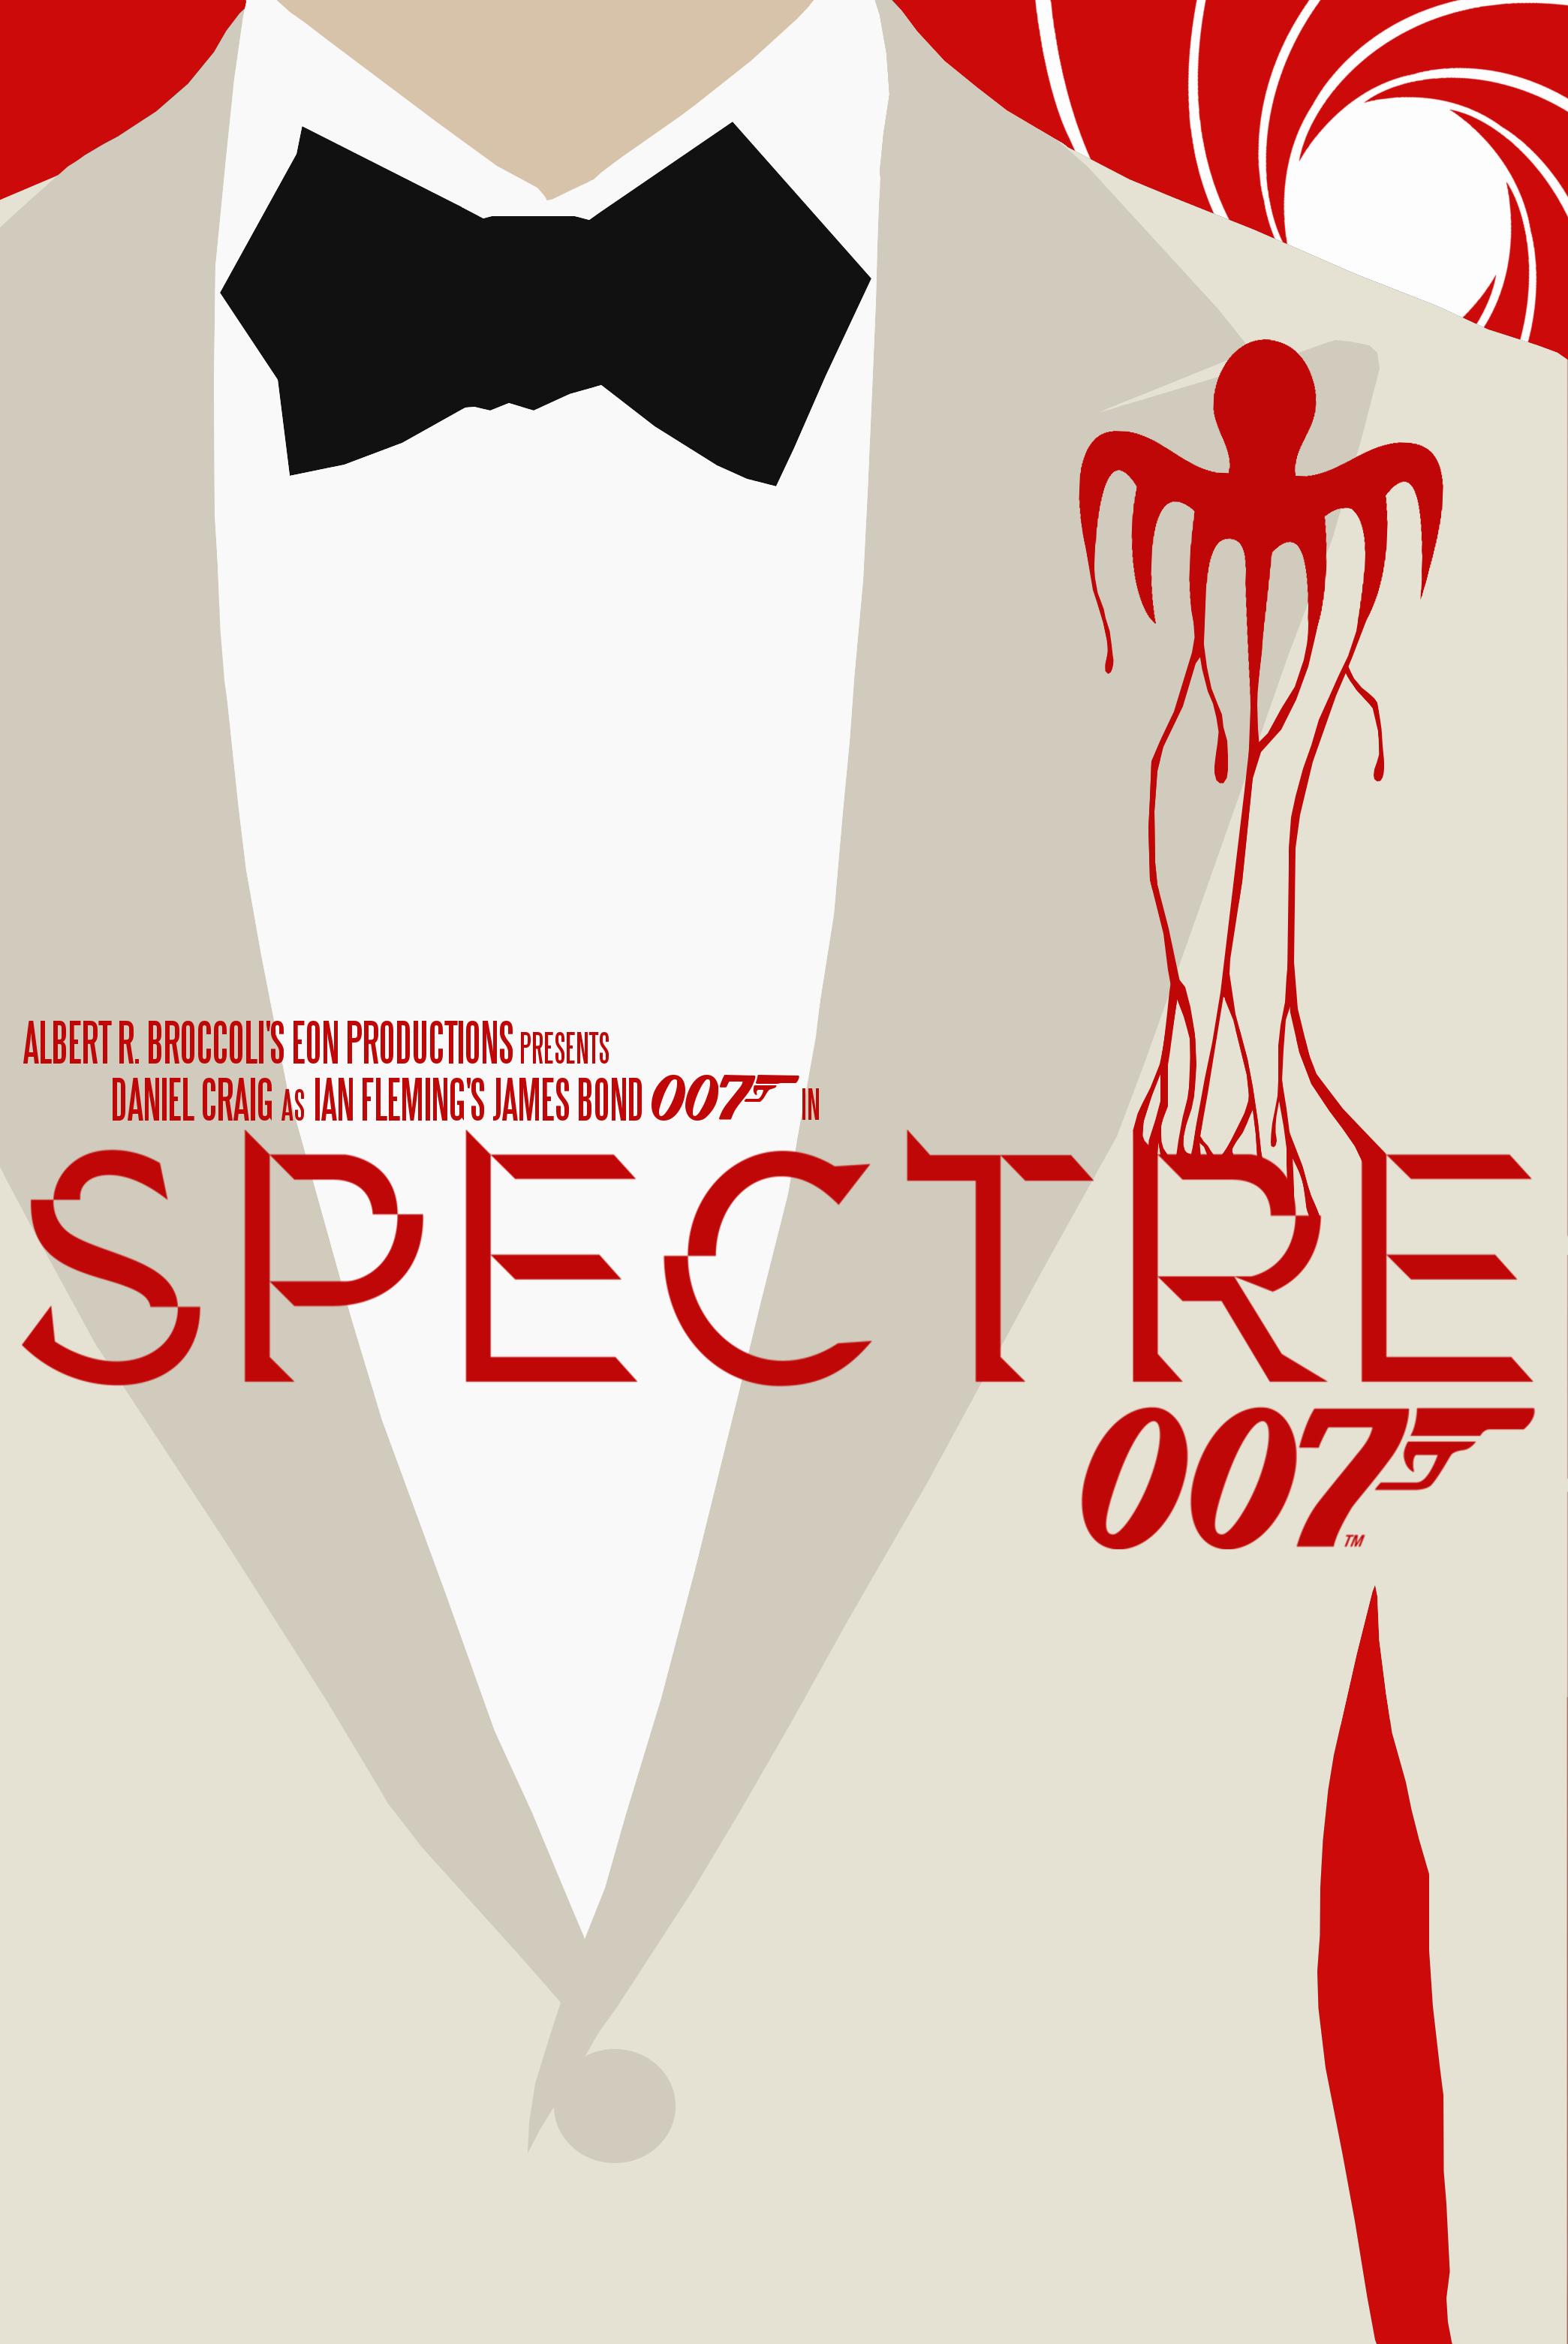 spectre_tuxedo_poster__1_by_bradymajor-d9kpp6v.jpg